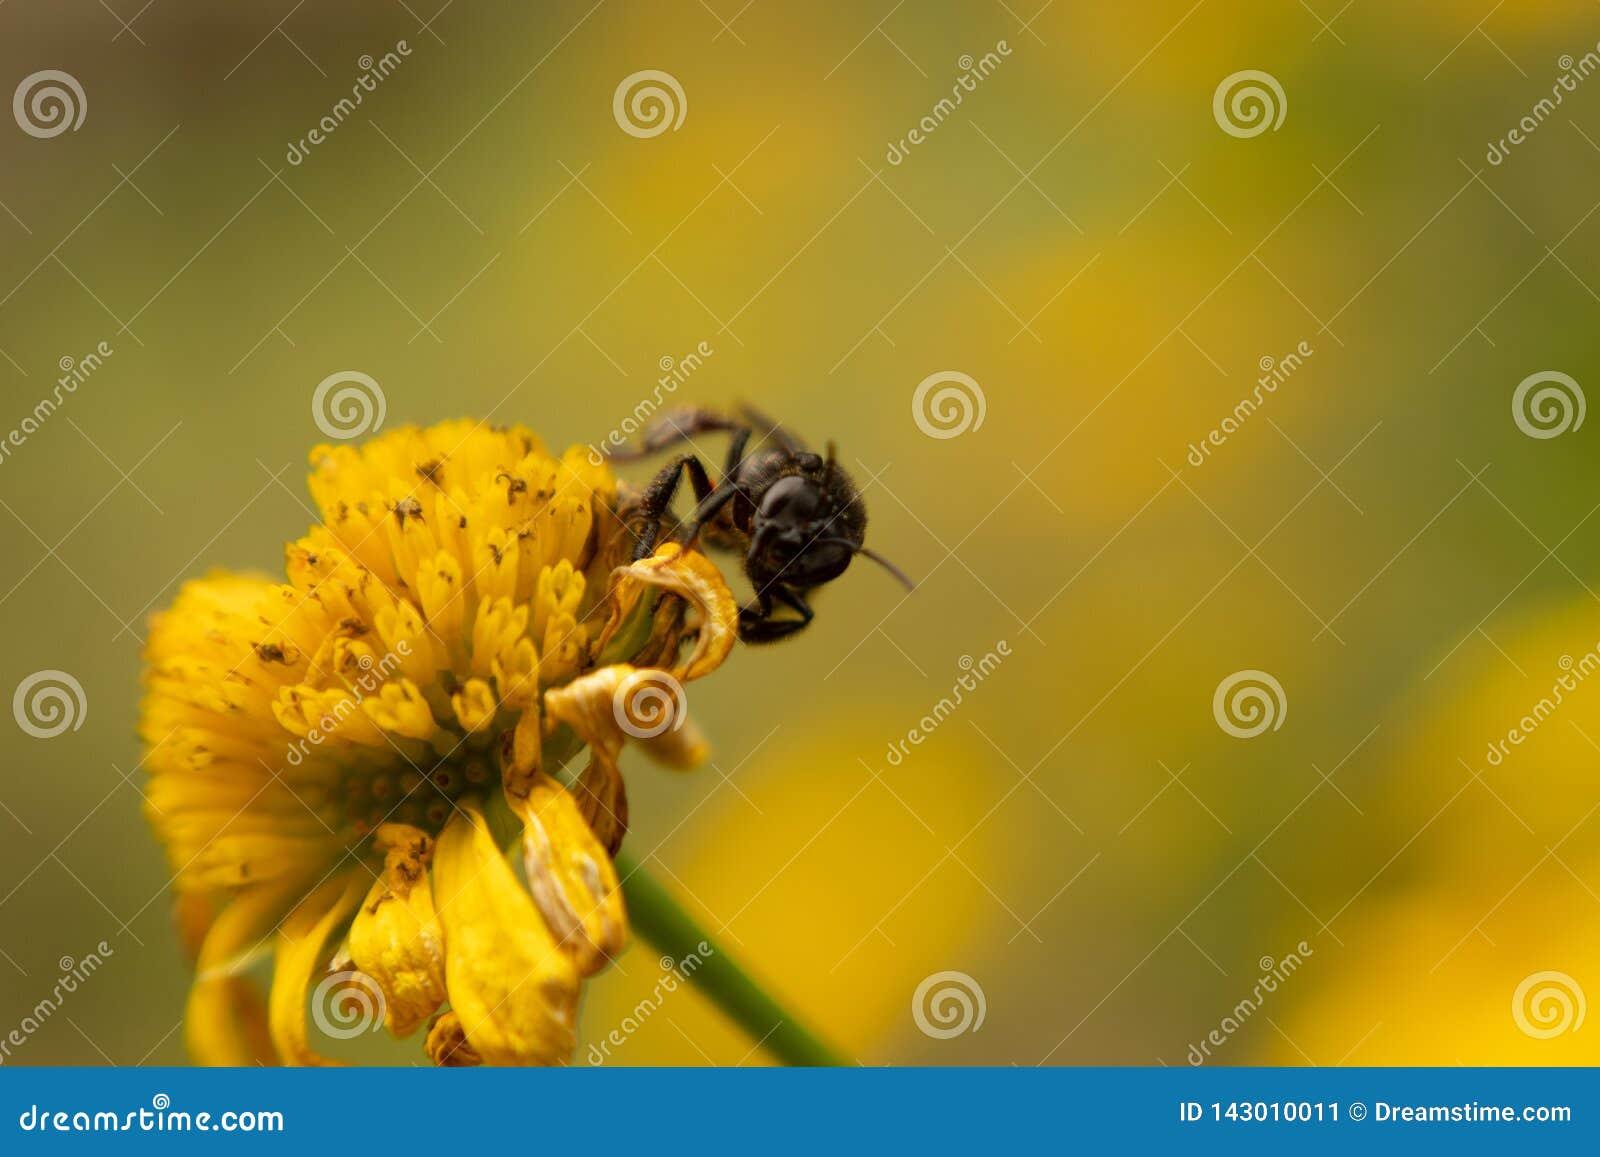 Mały insekt lądujący na żółtym słoneczniku